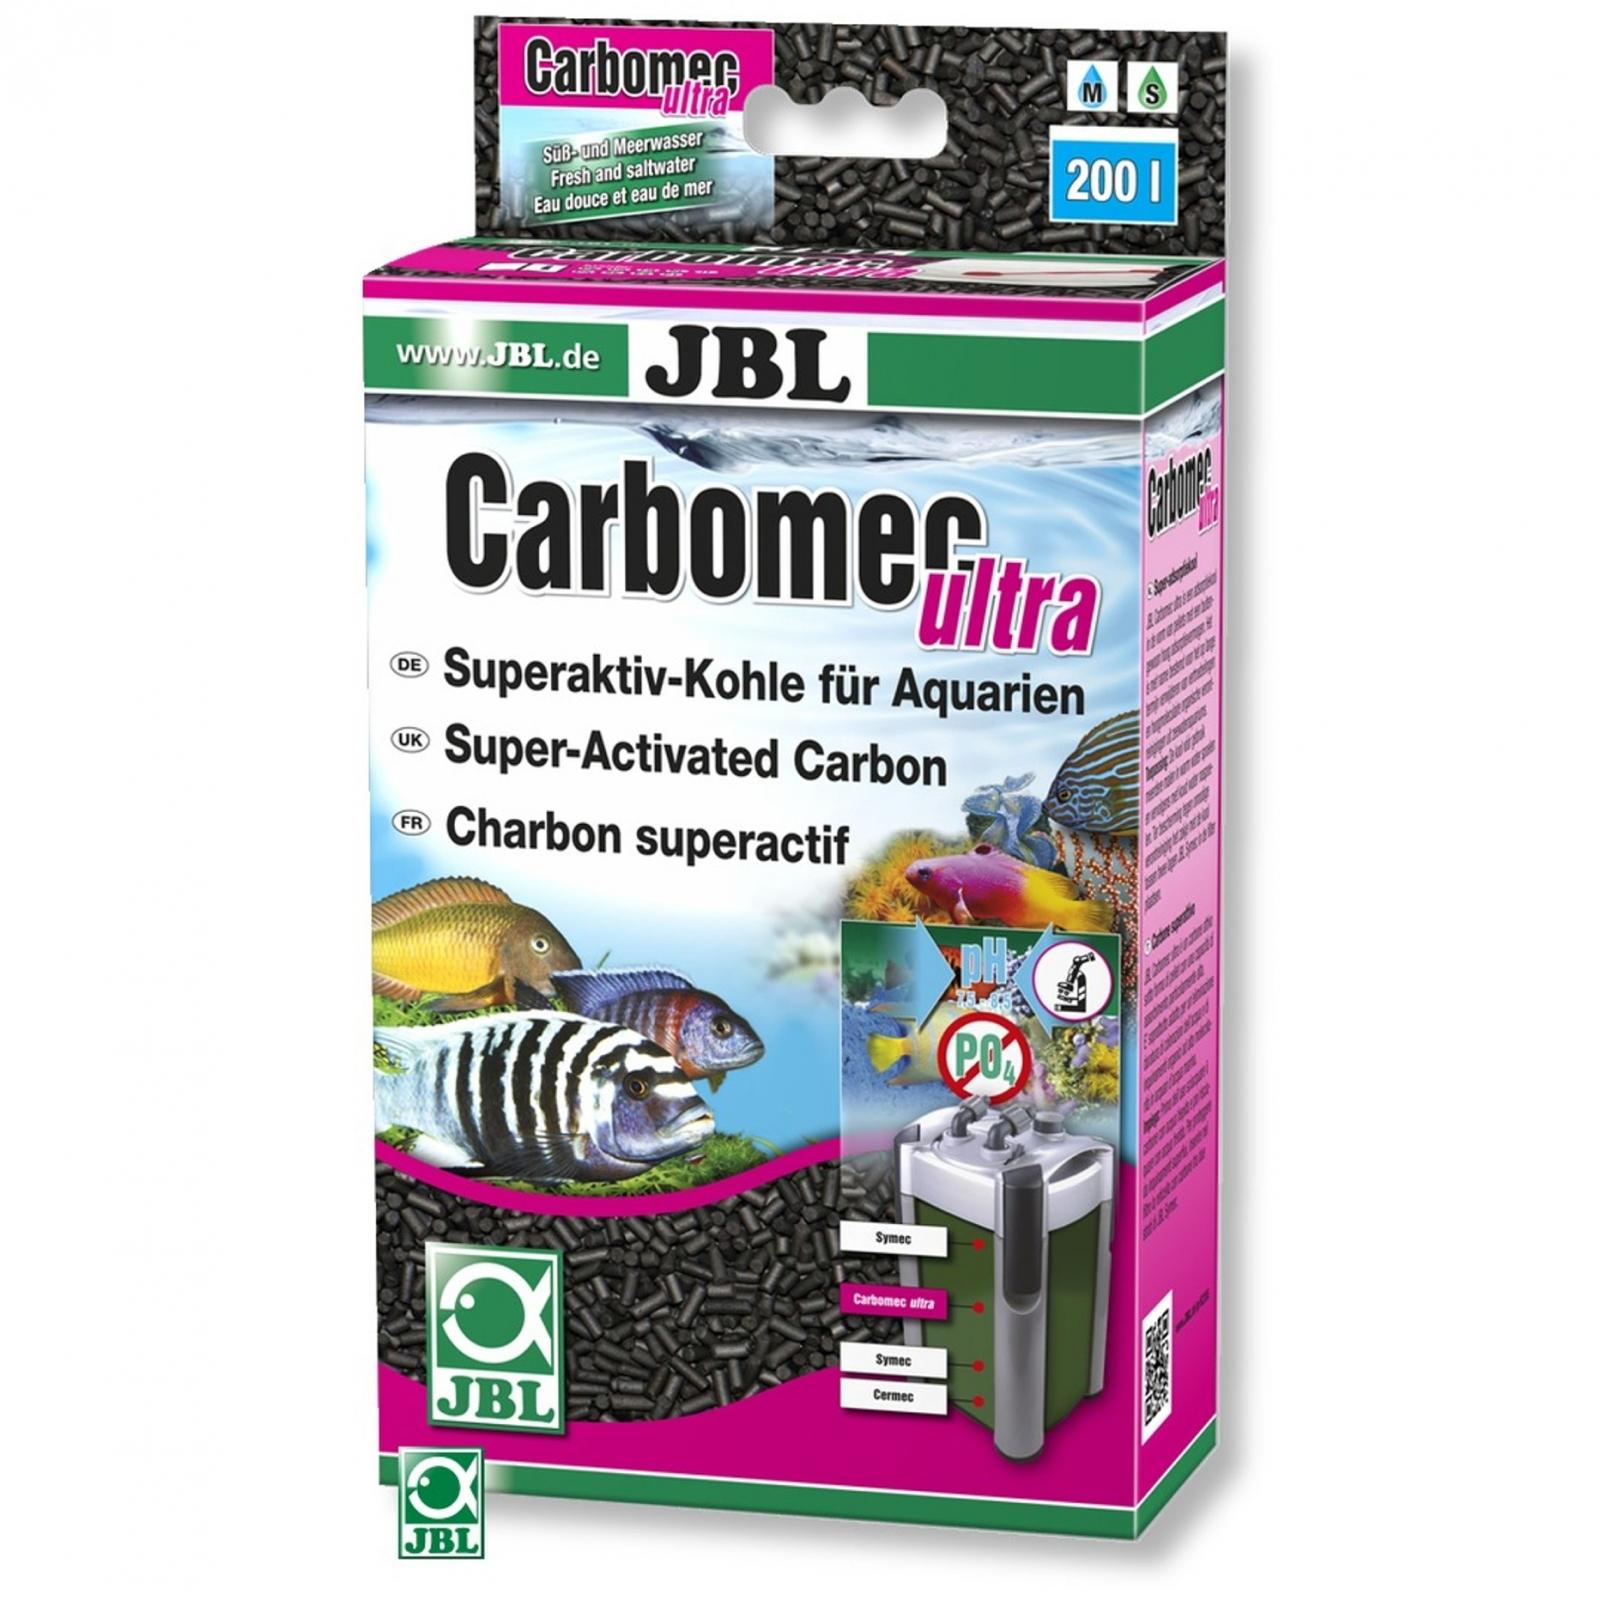 JBL Carbomec ultra charbon super actif en boulettes pour eau de mer